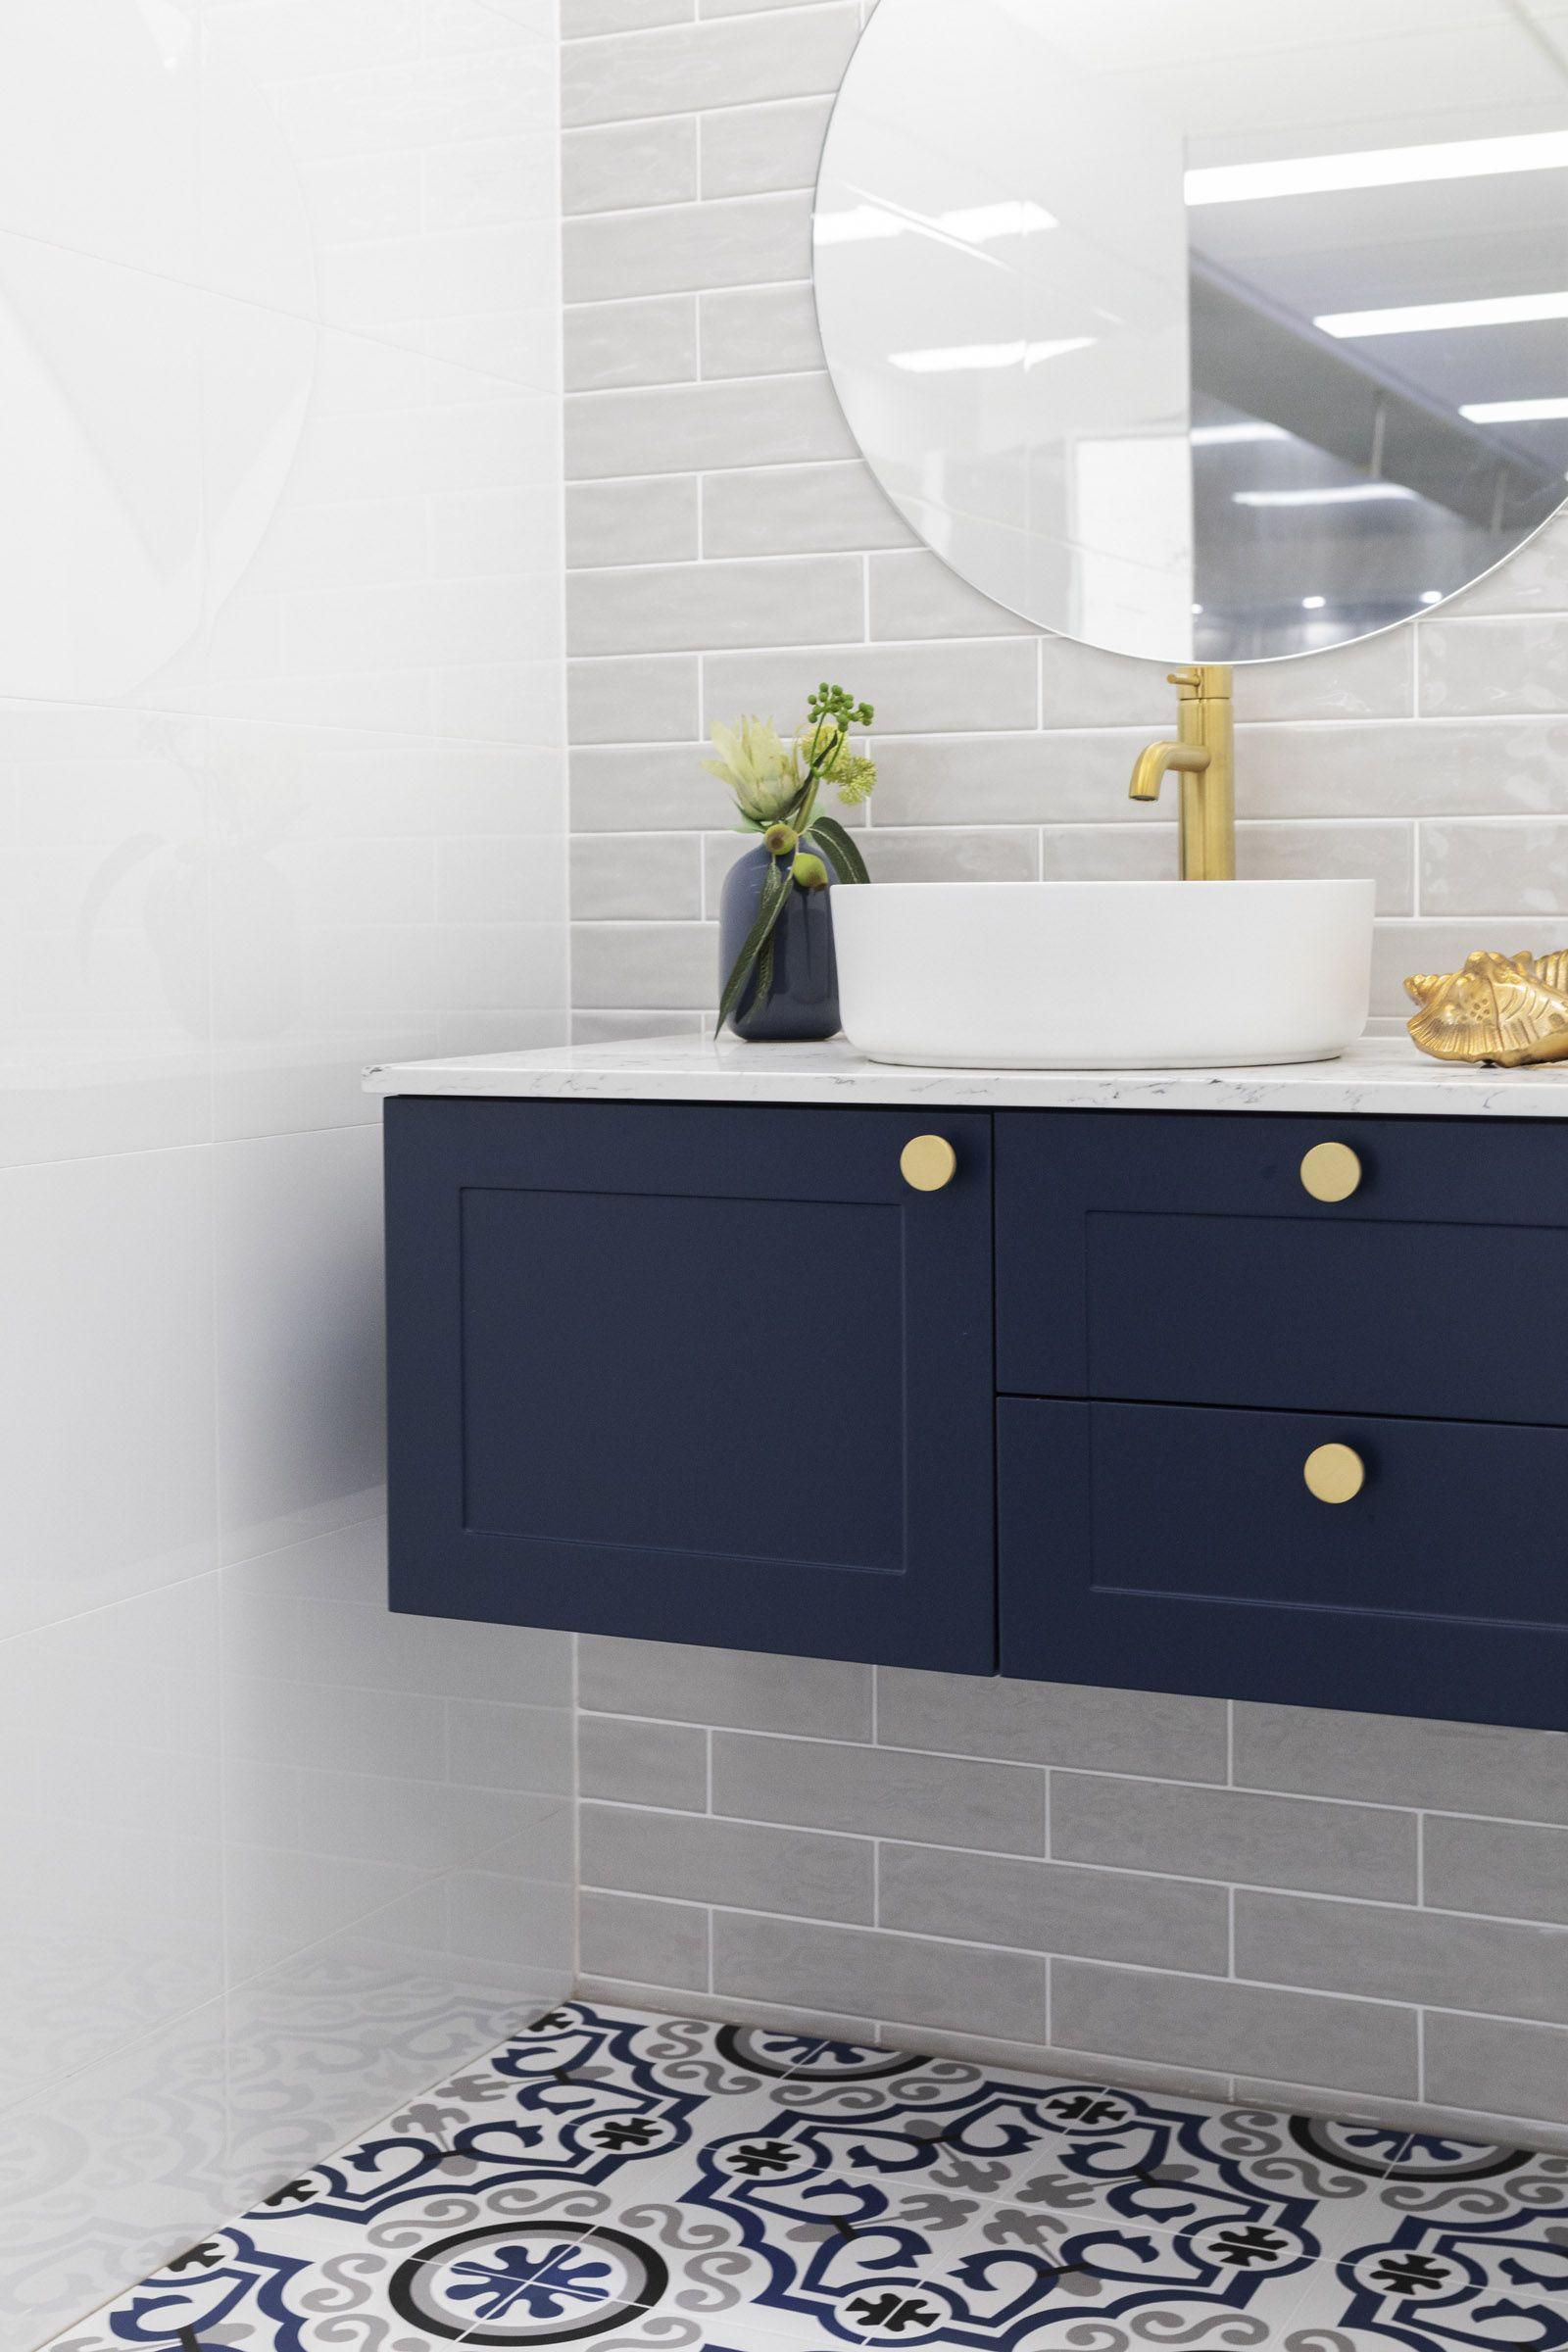 Patterned blue floor tile Atelier 240x240. Gloss White